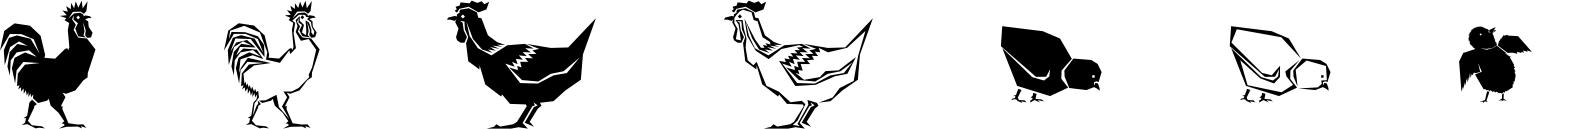 Polytype Birds One